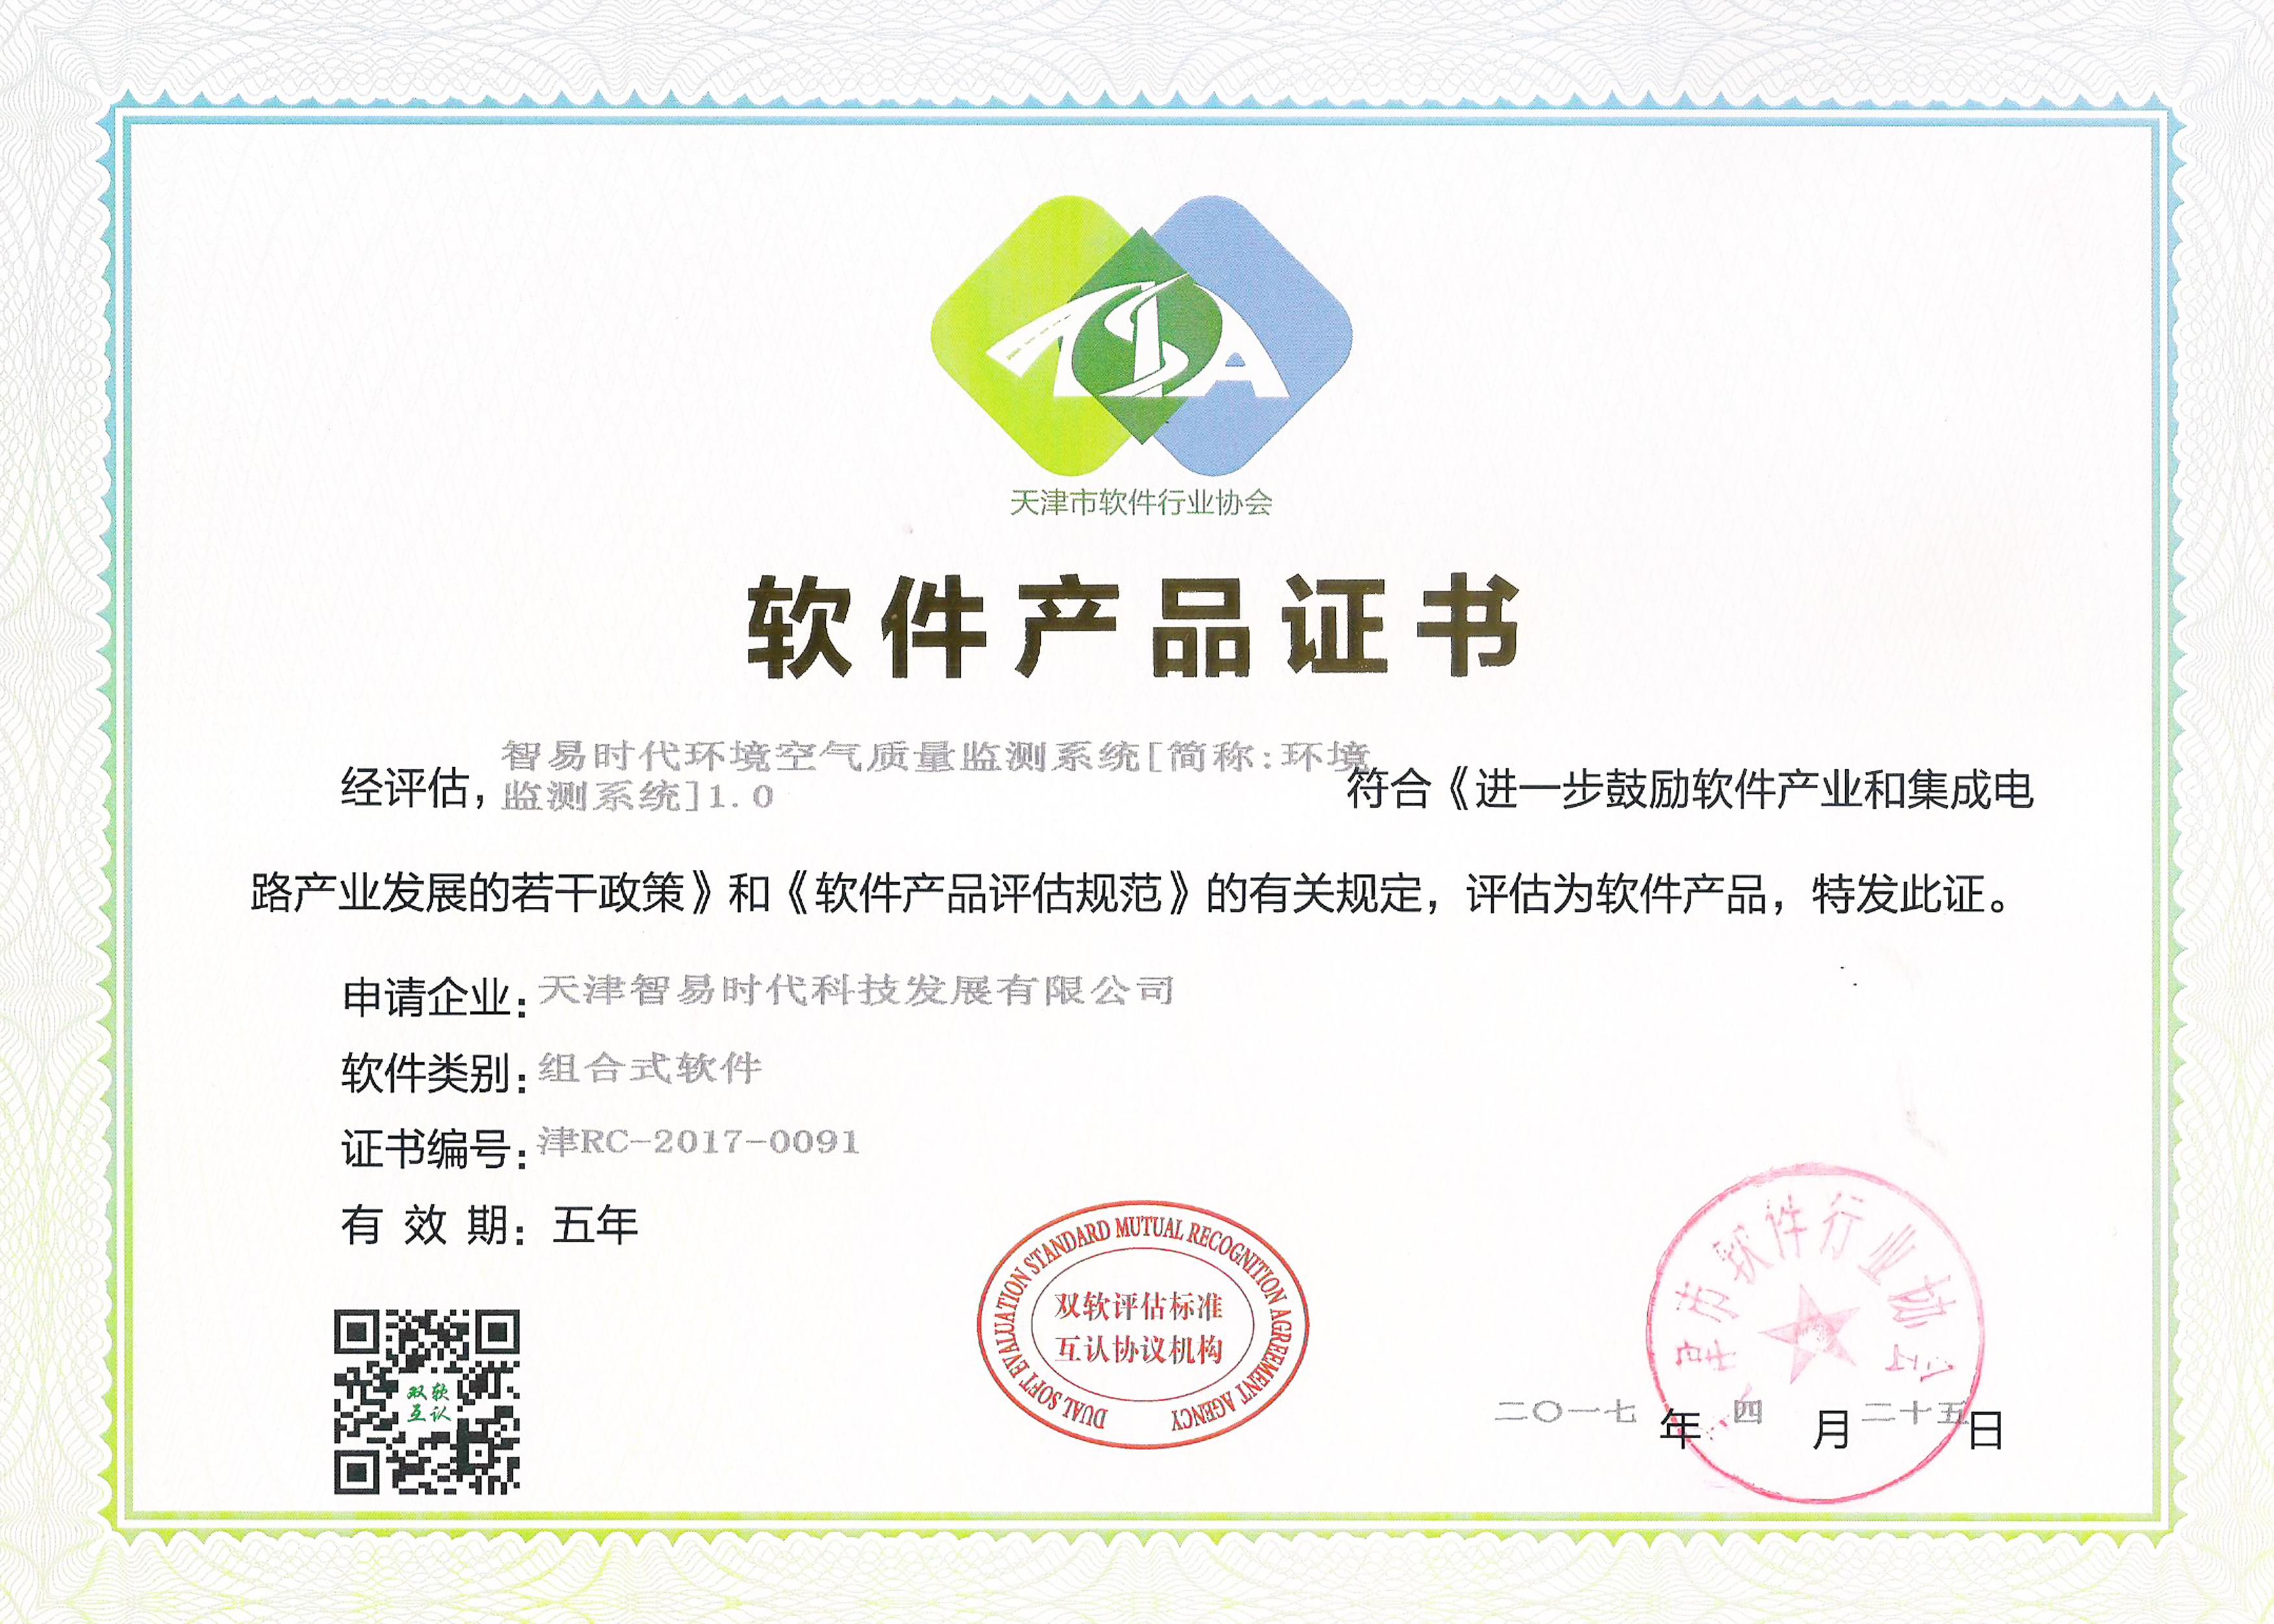 软件产品证书-智易时代环境空气质量监测系统